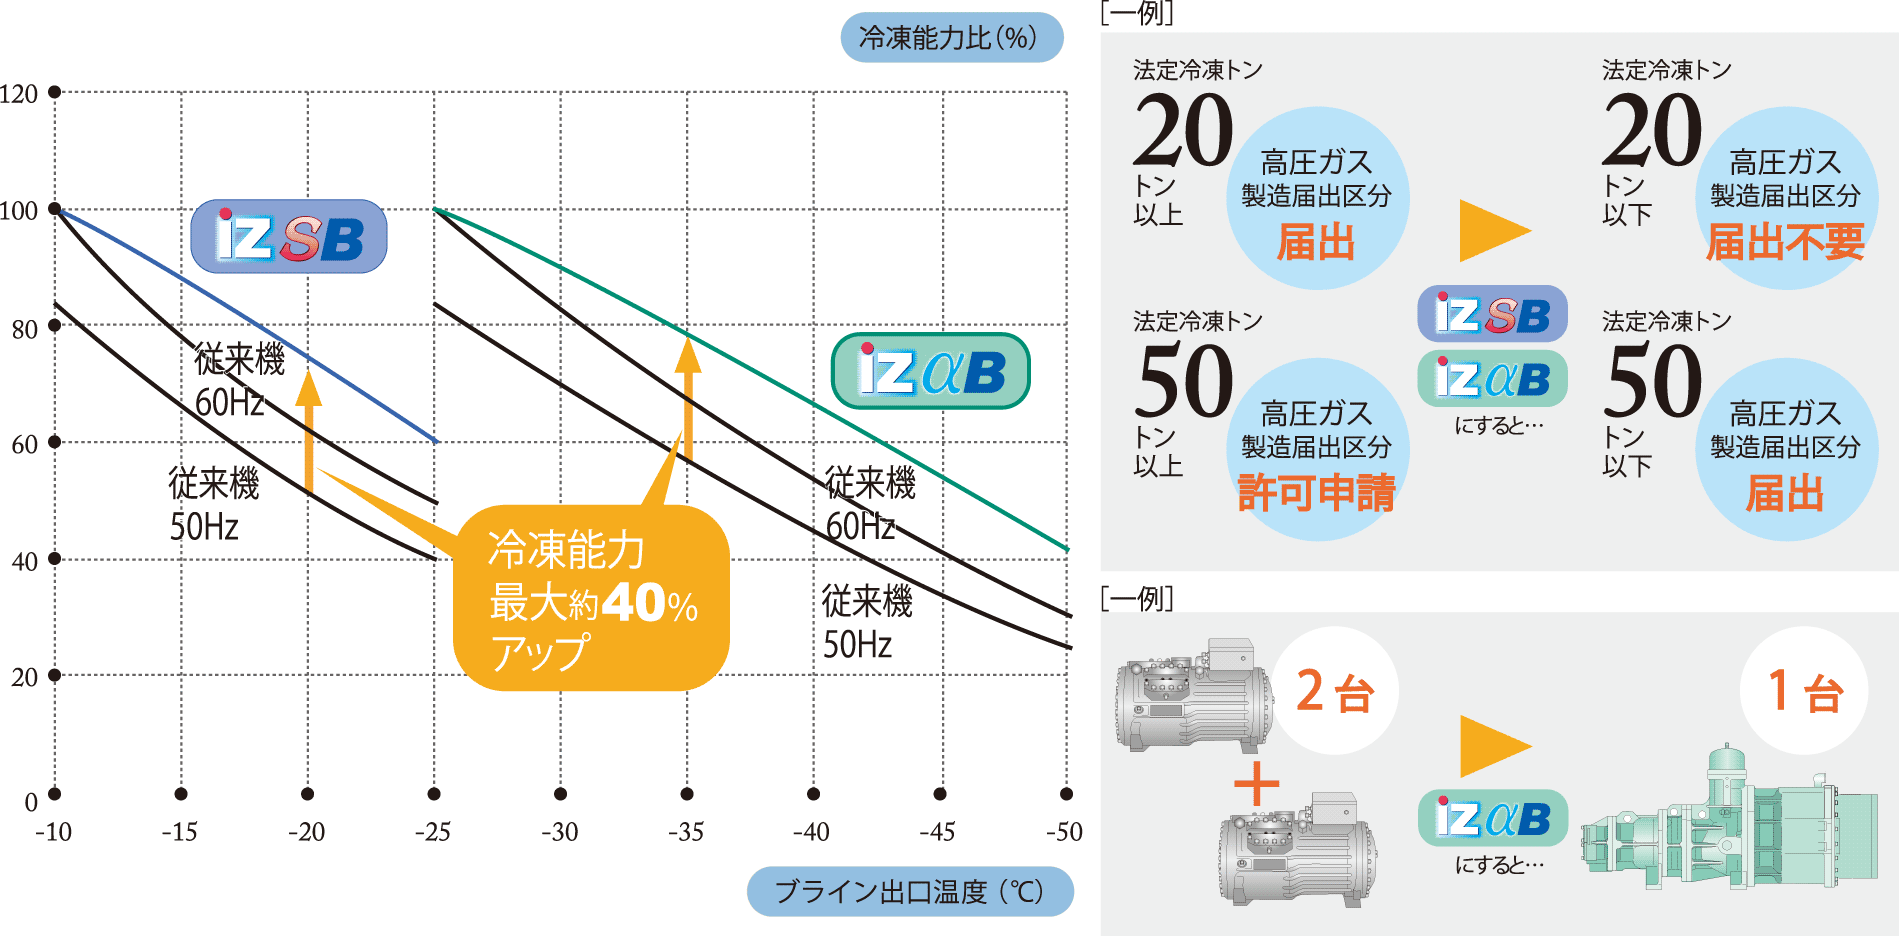 冷凍能力最大約40%アップグラフ